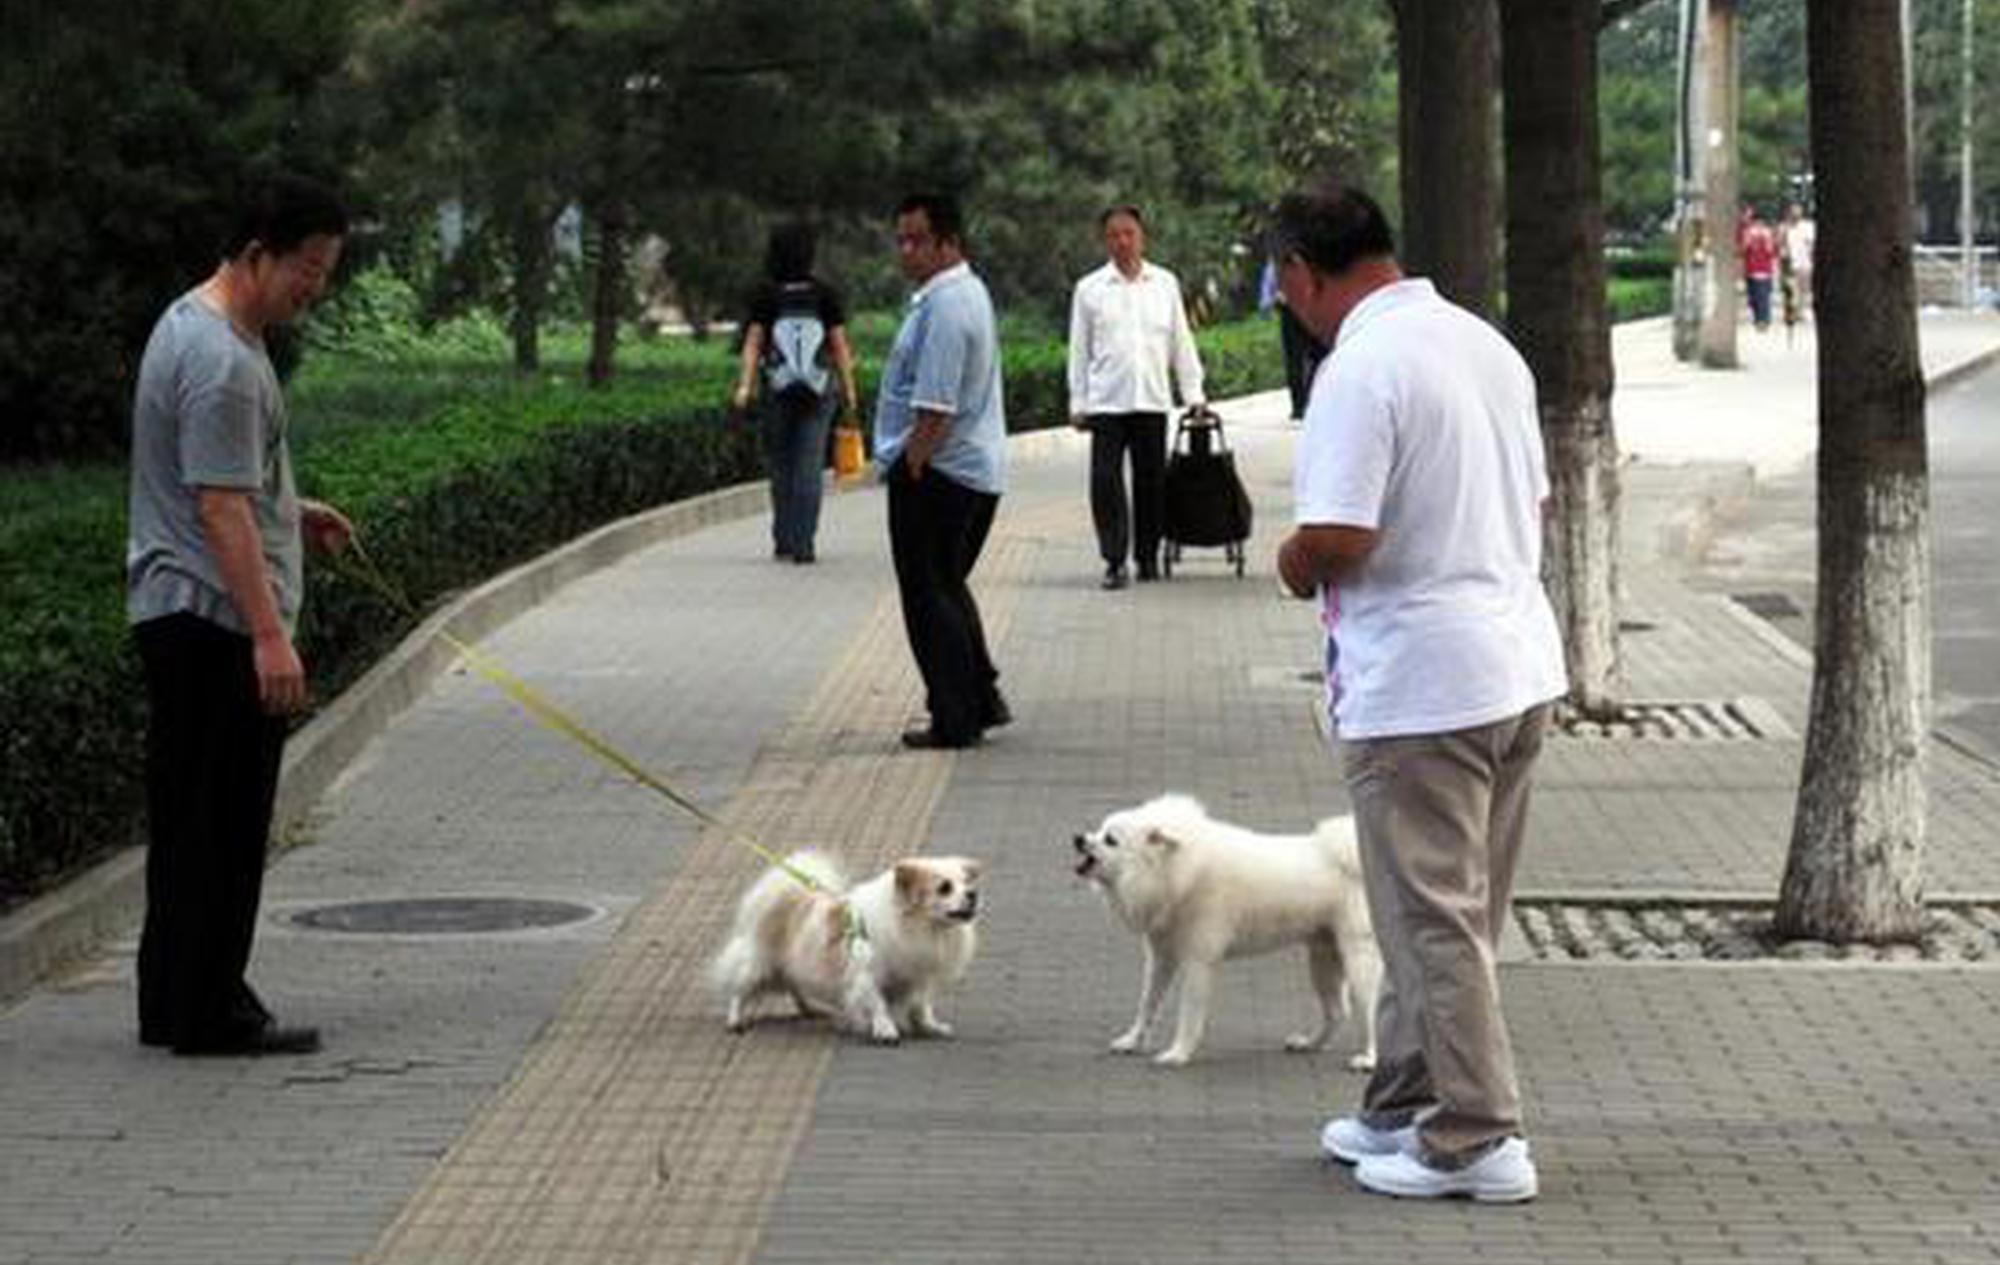 哪些狗能养,犬只伤人后怎么办?银川市养犬管理条例解读